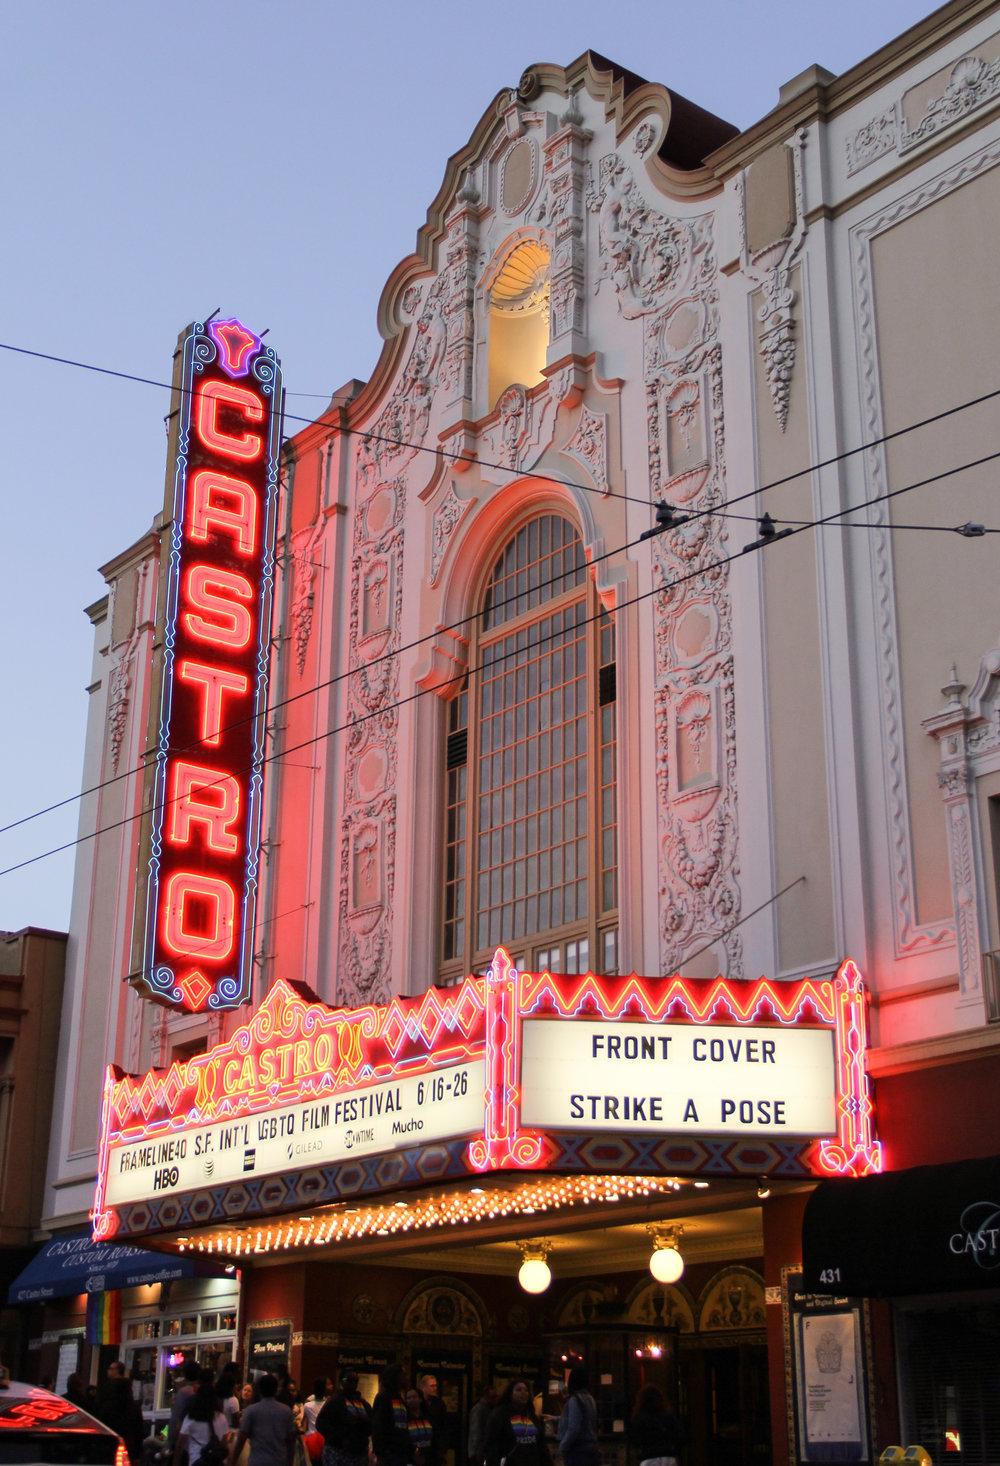 Castro Theatre at dusk